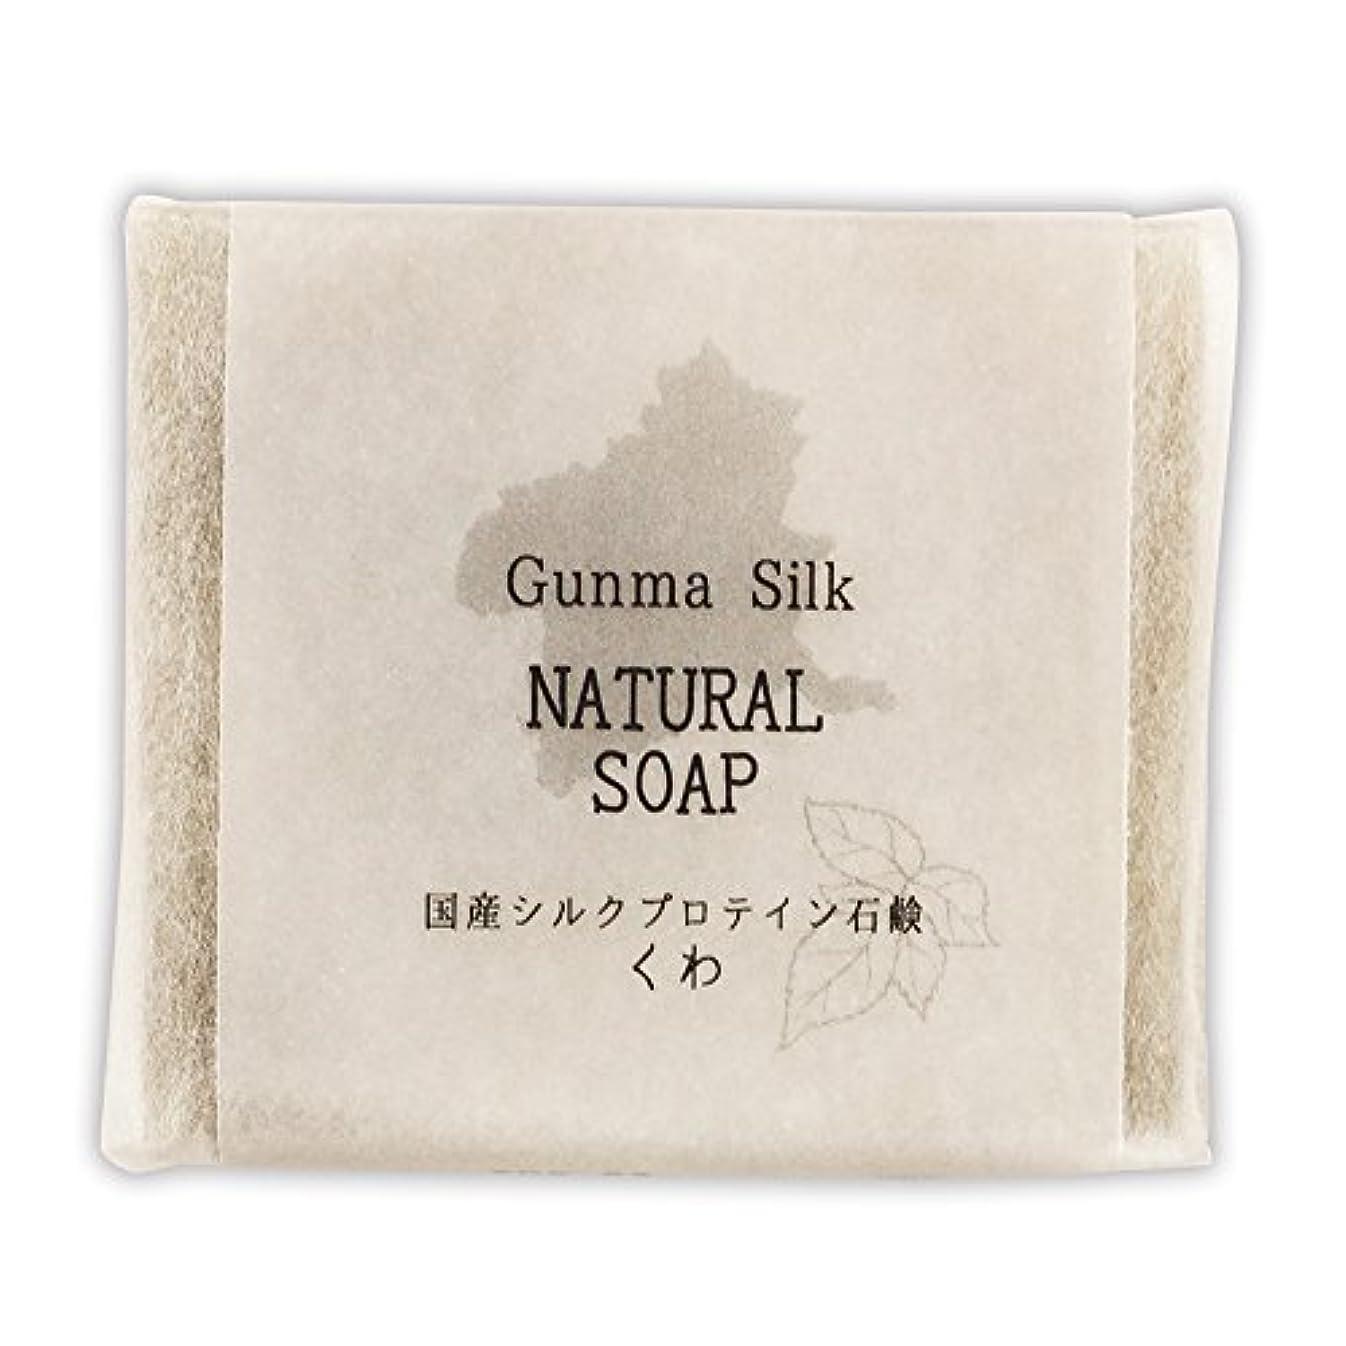 自分のためにテストインフレーションBN 国産シルクプロテイン石鹸 くわ SKS-03 (1個)